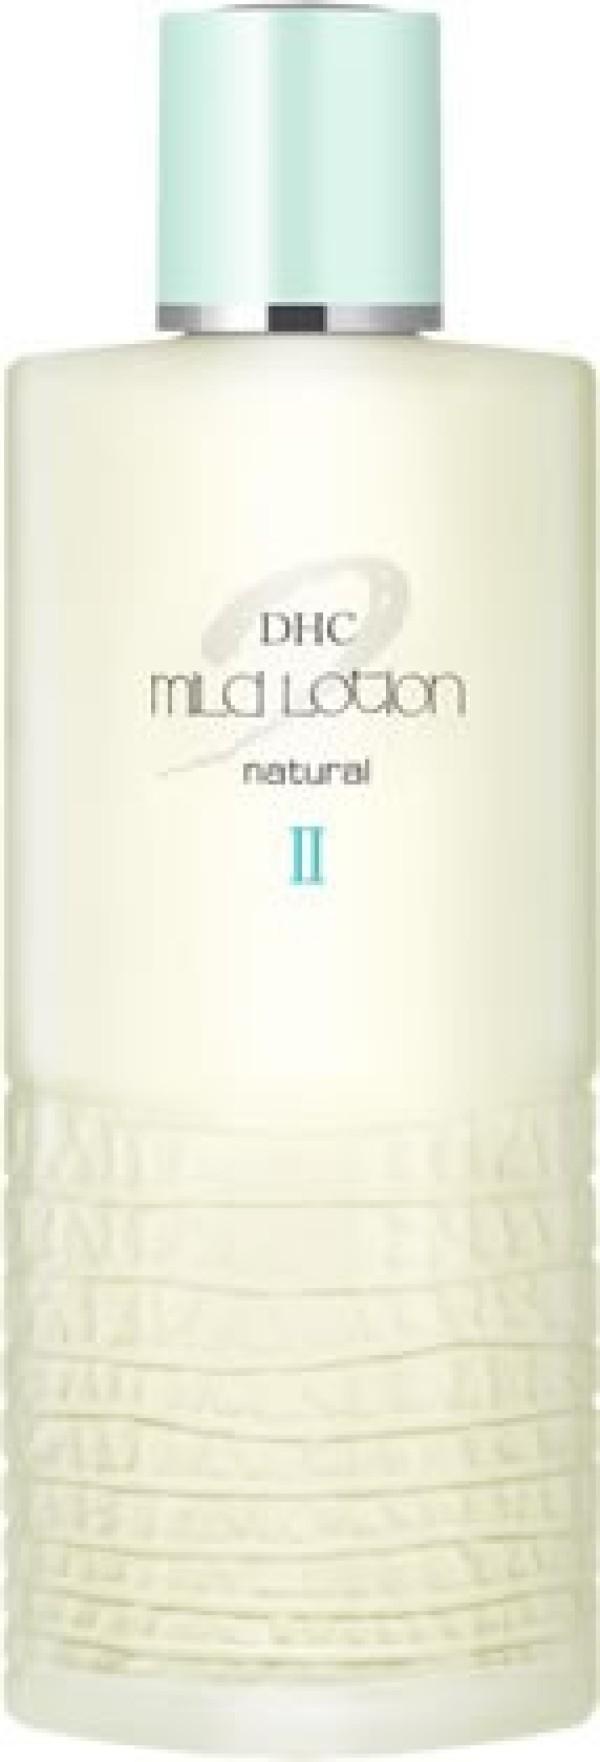 Освежающий лосьон DHC Medicinal Mild Lotion II